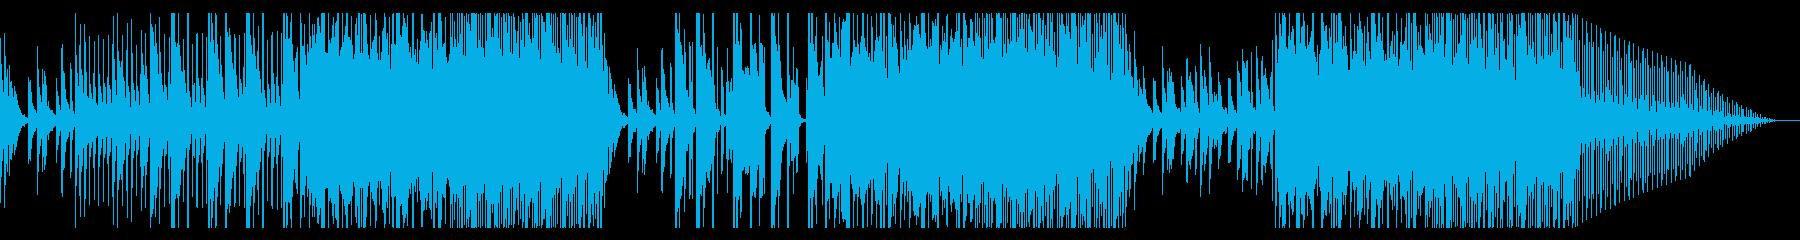 和風ダークヒップホップ4(三味線)の再生済みの波形